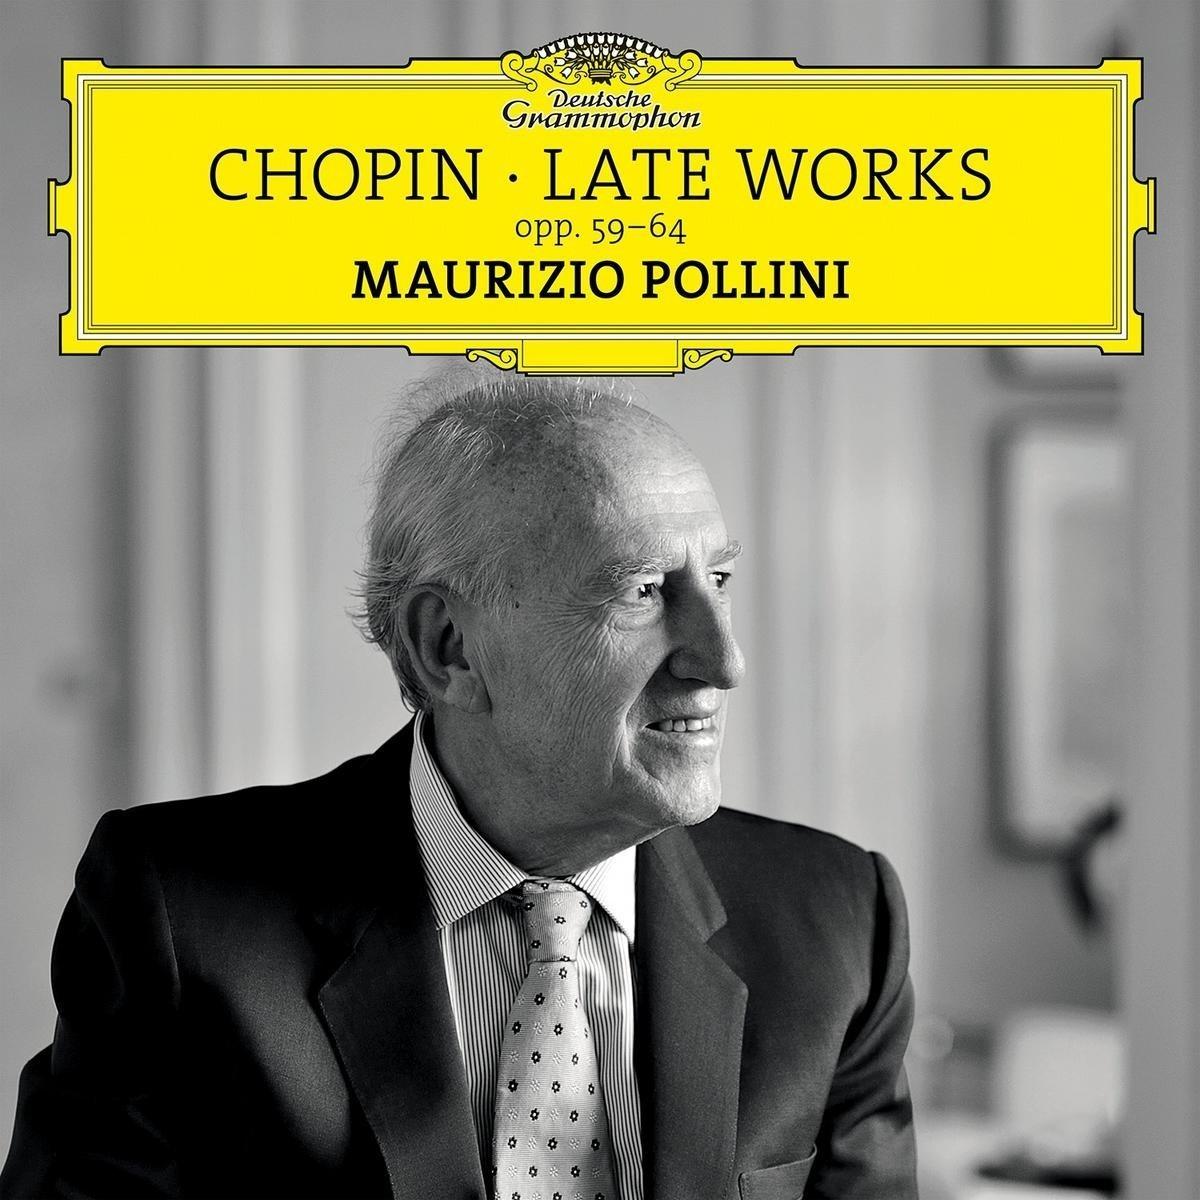 Chopin late works Pollini